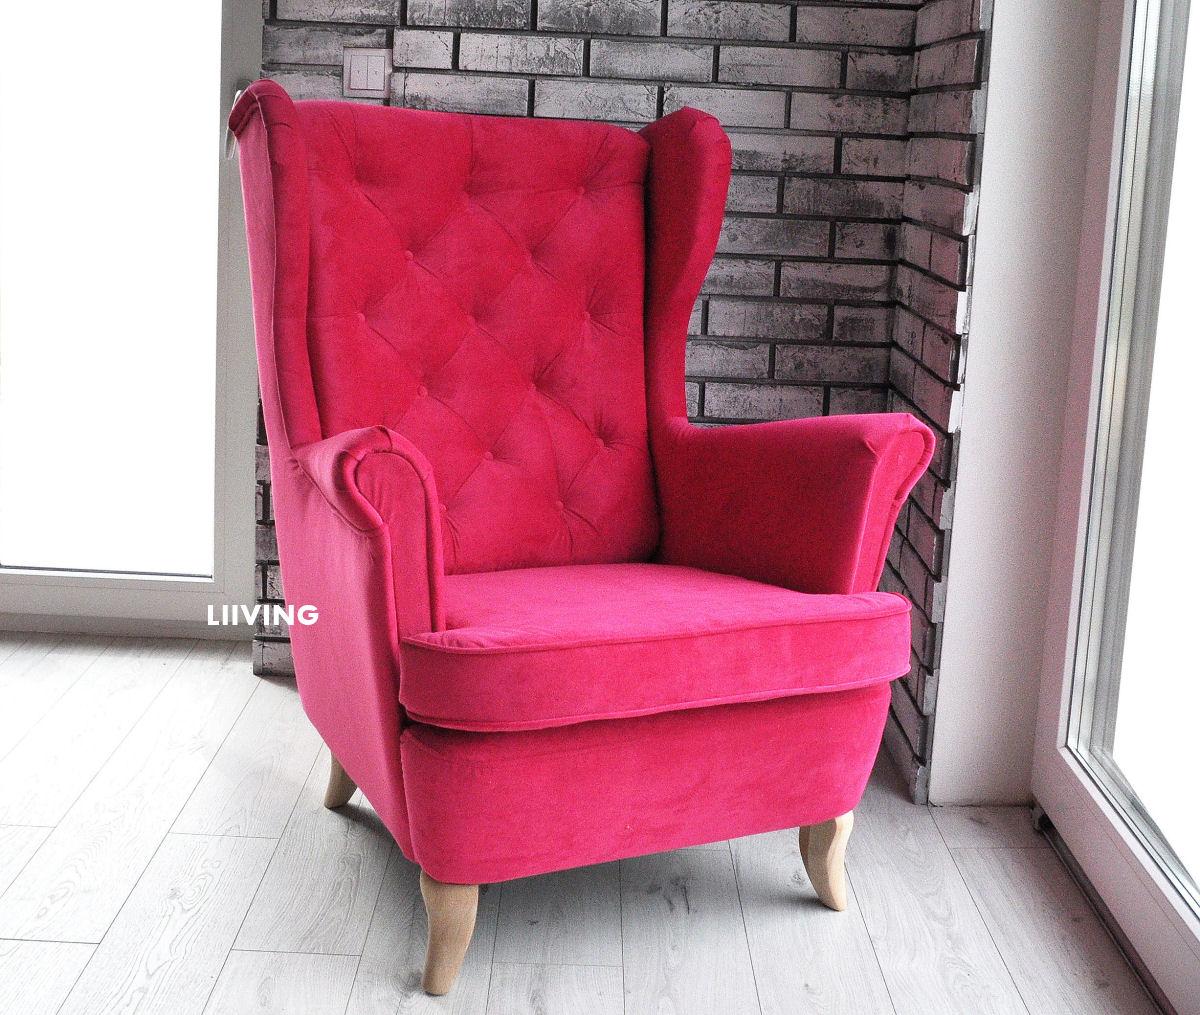 rozowy fotel